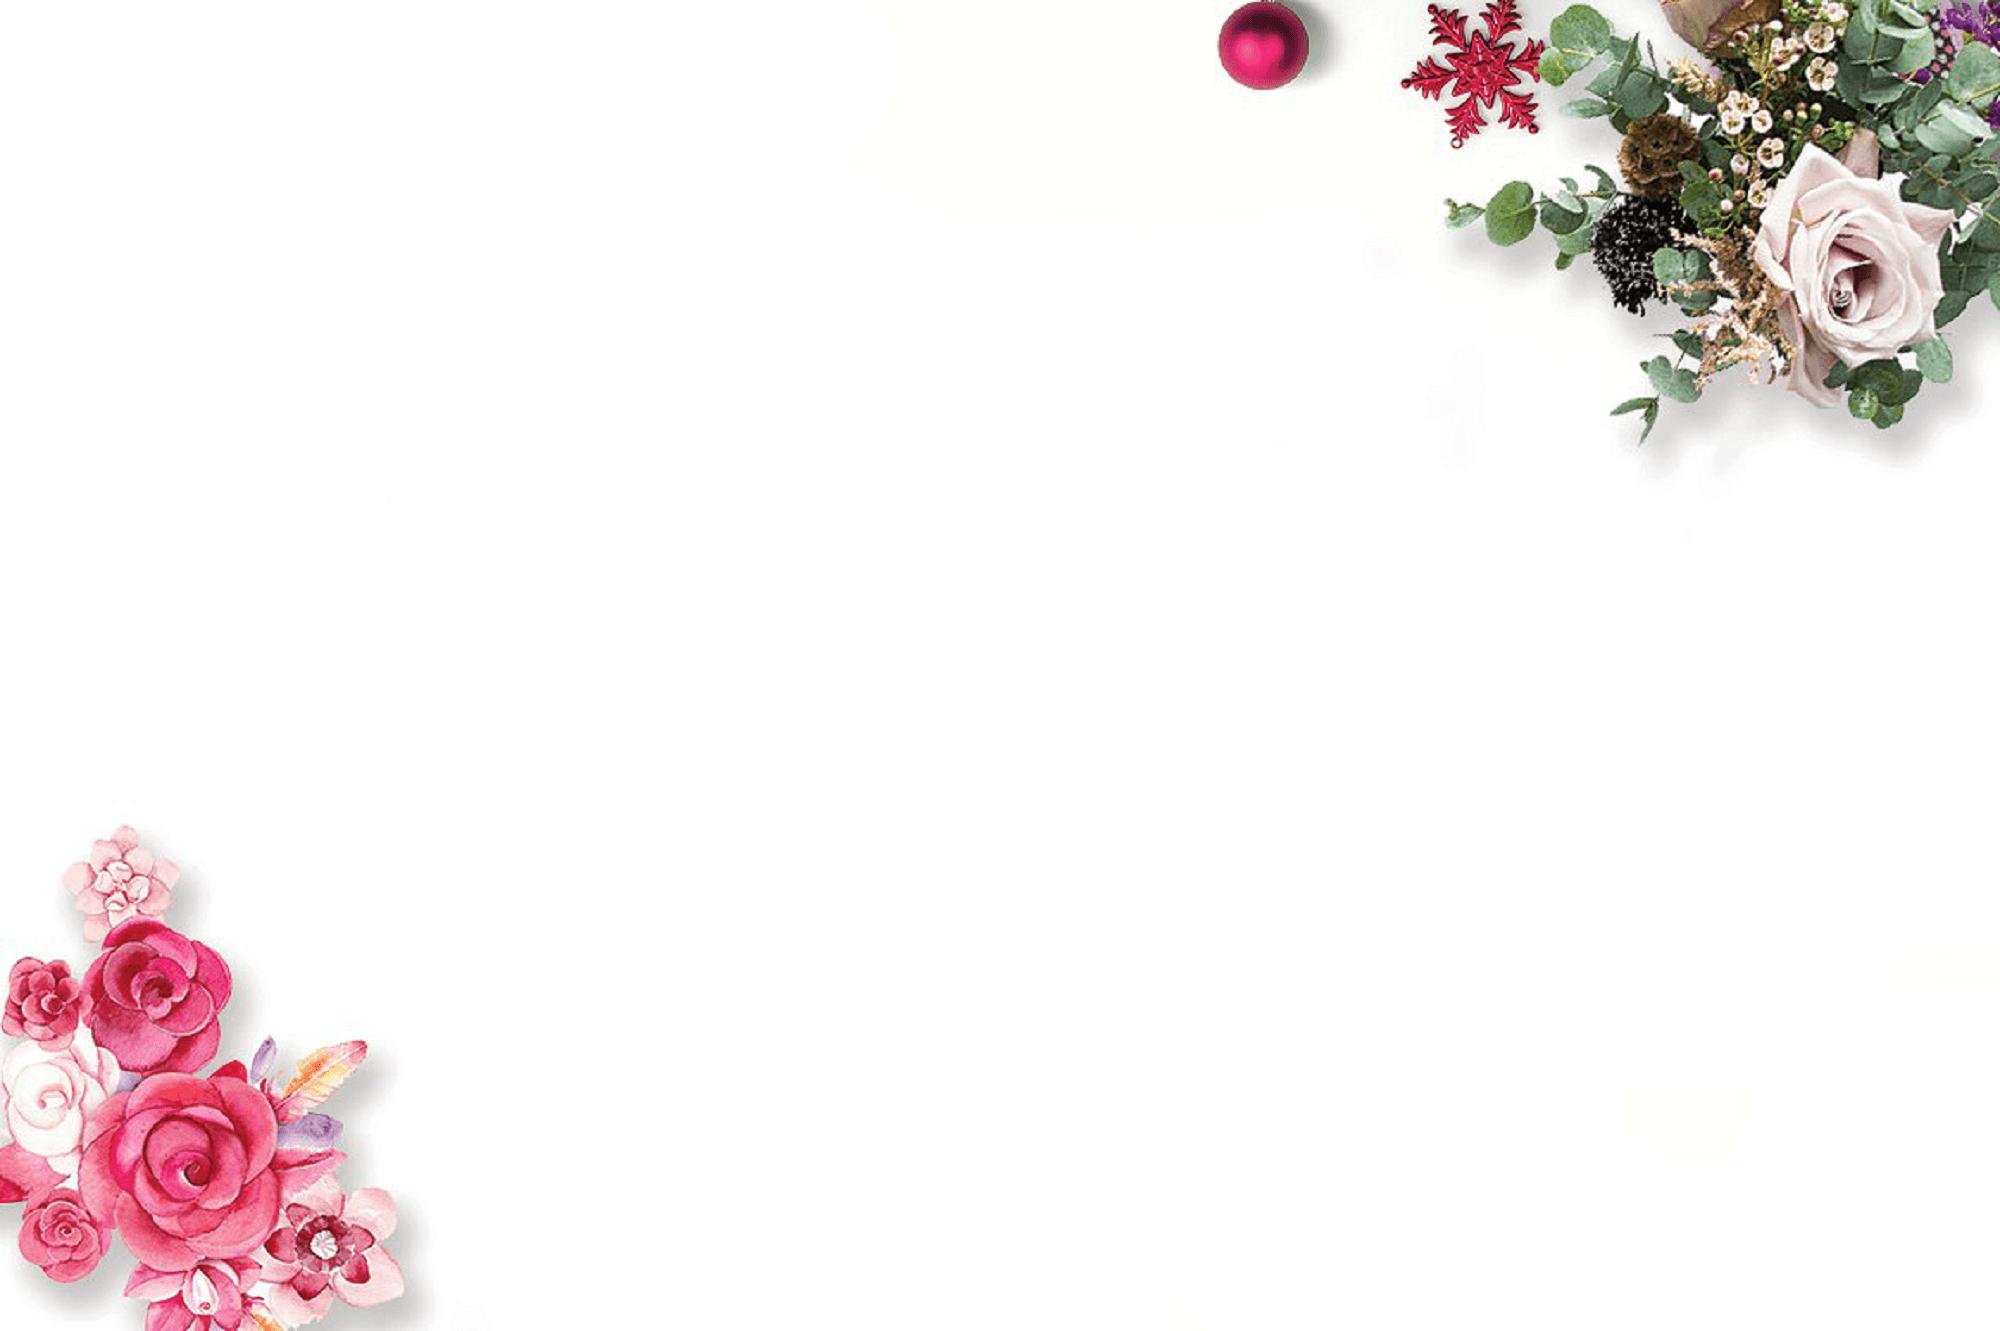 Hình ảnh background hoa lá